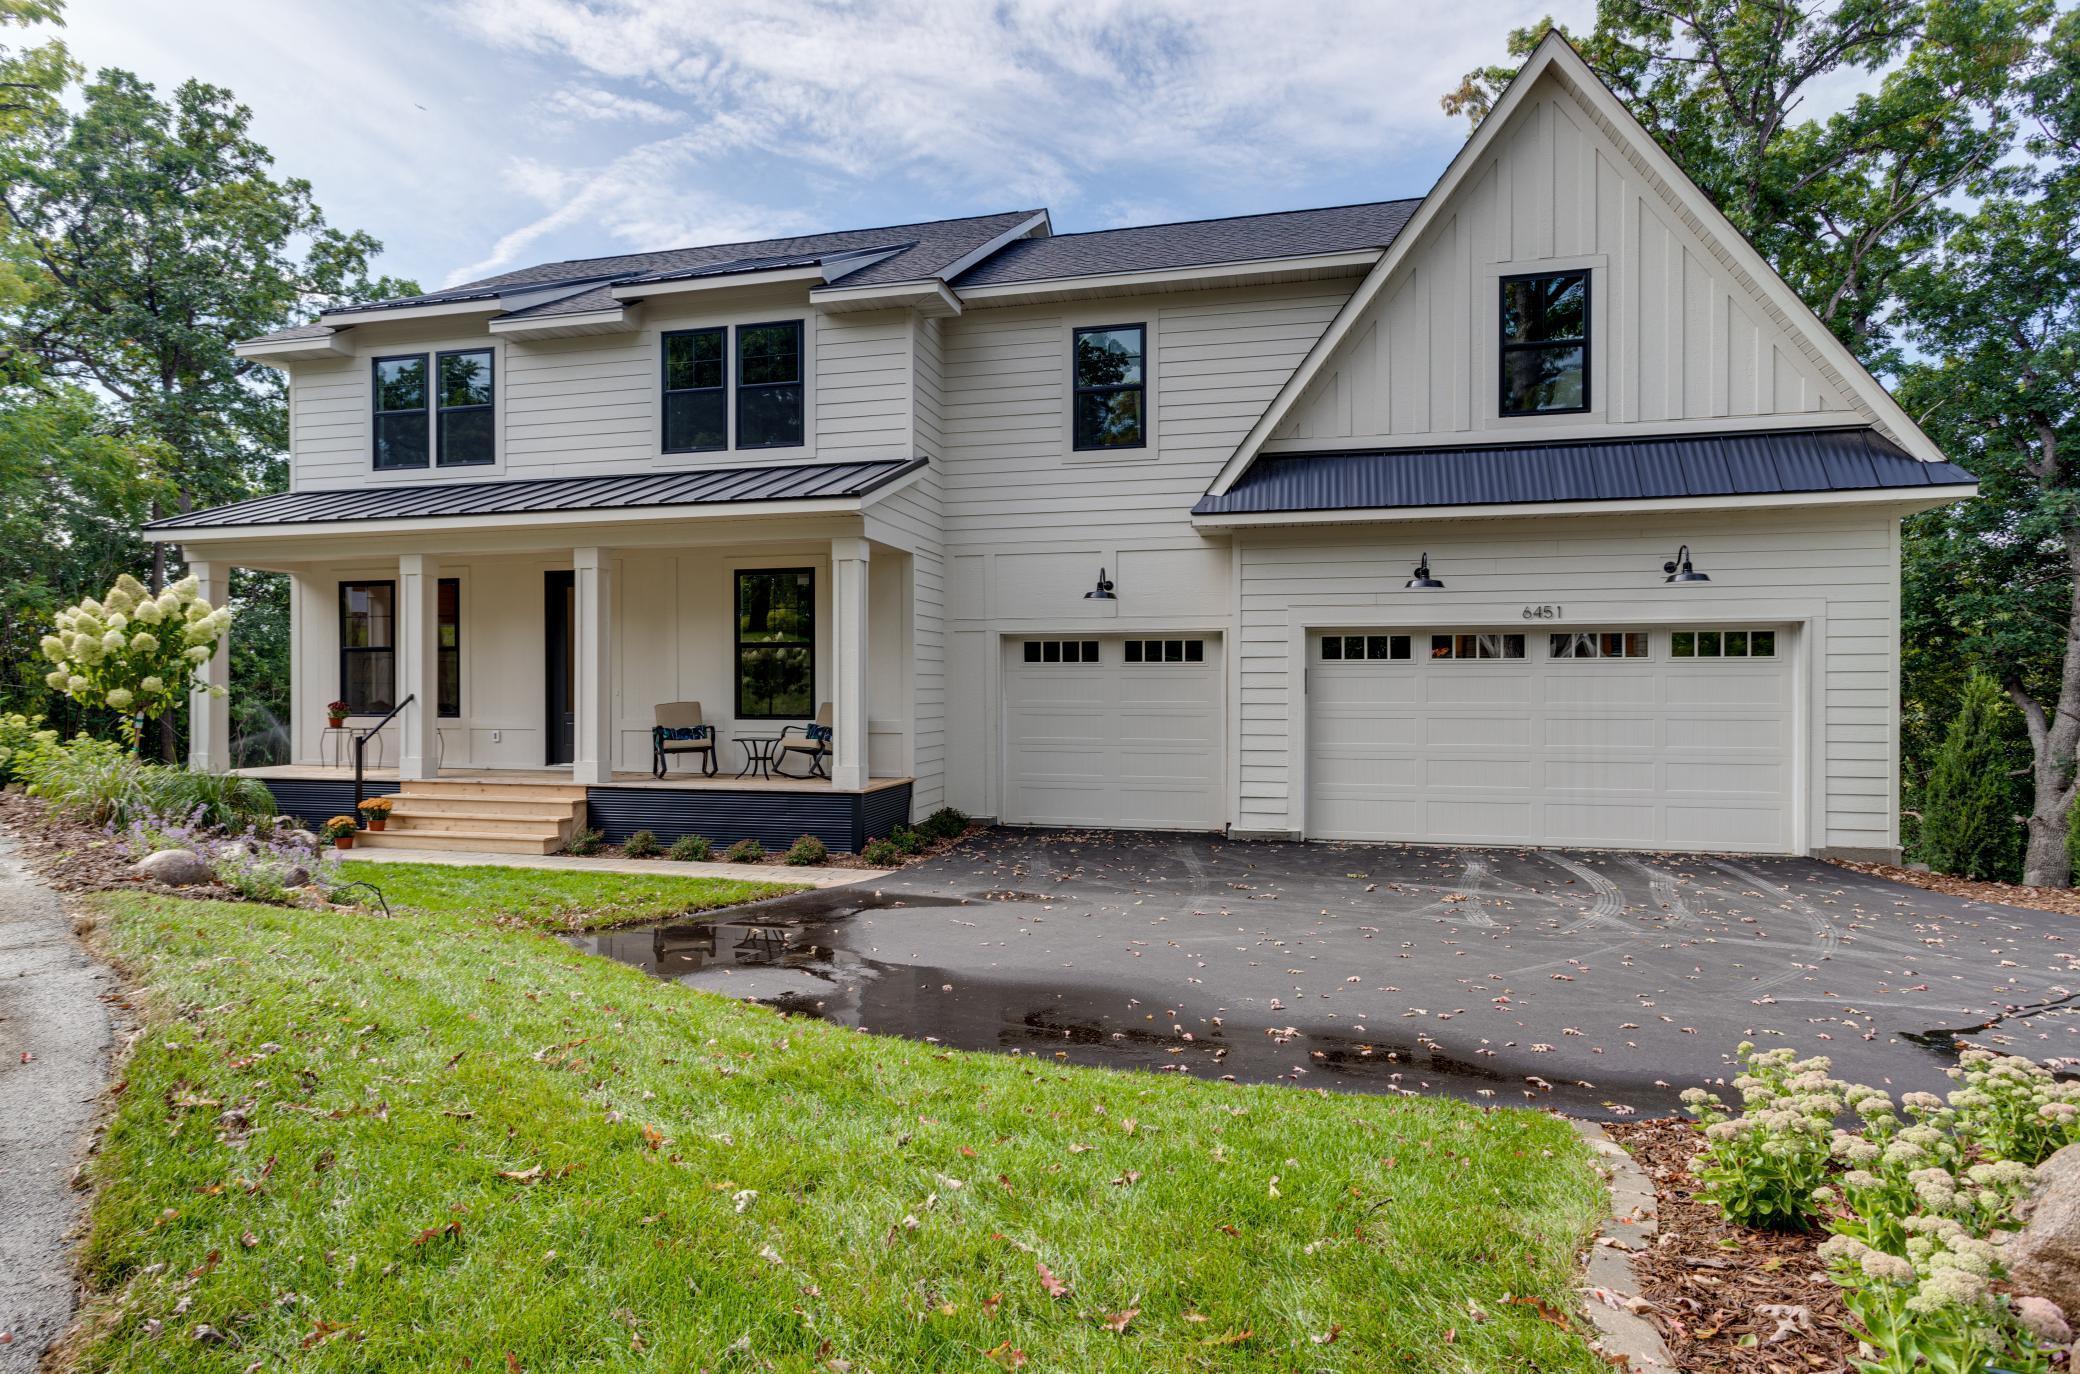 6451 Mccauley Terrace Property Photo